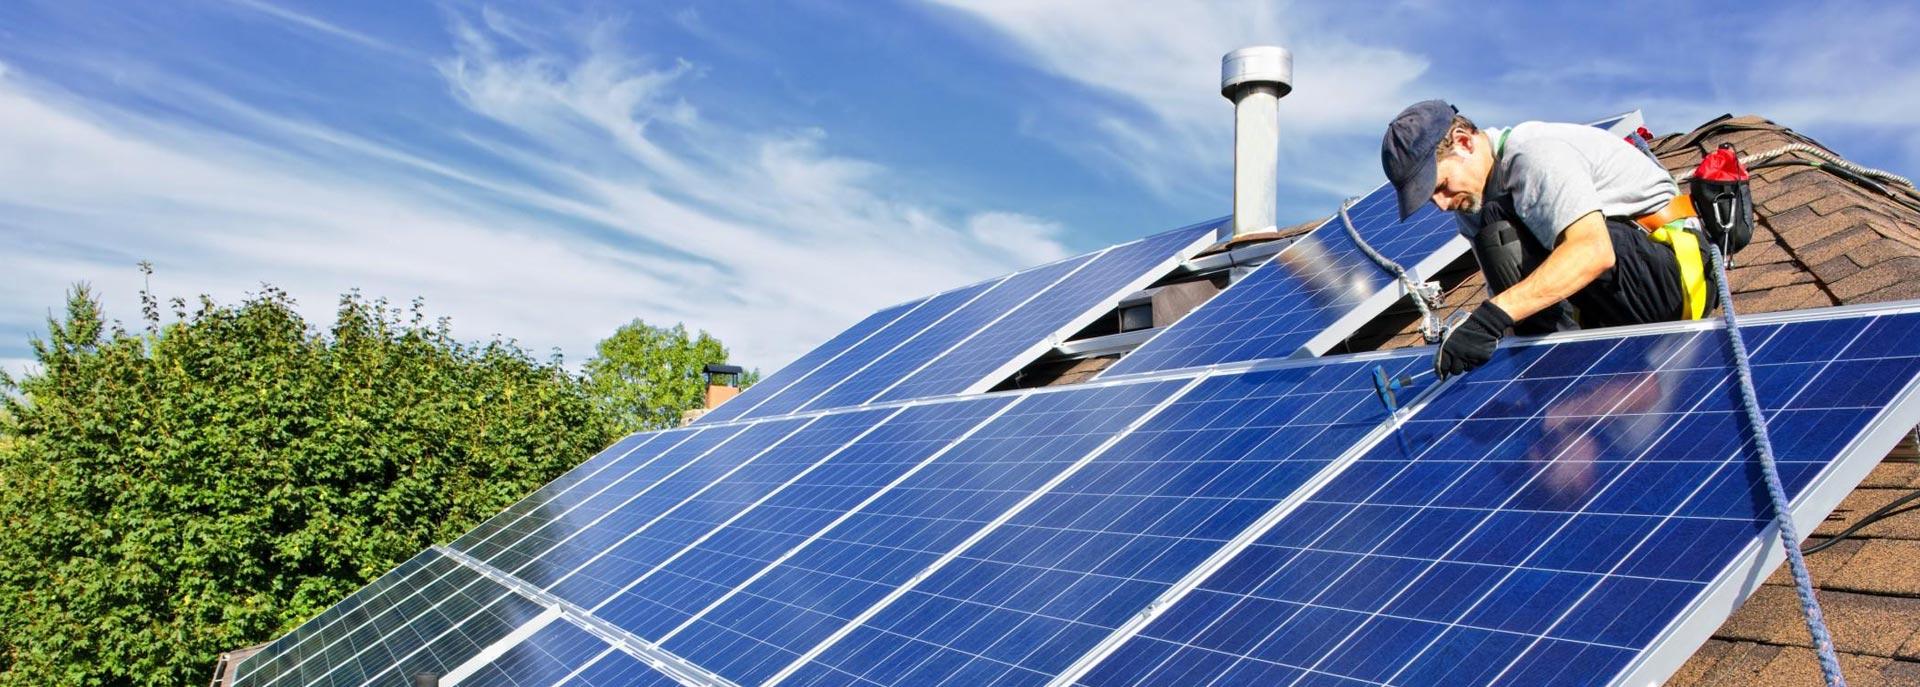 Corso progettazione impianti fotovoltaici enea 84